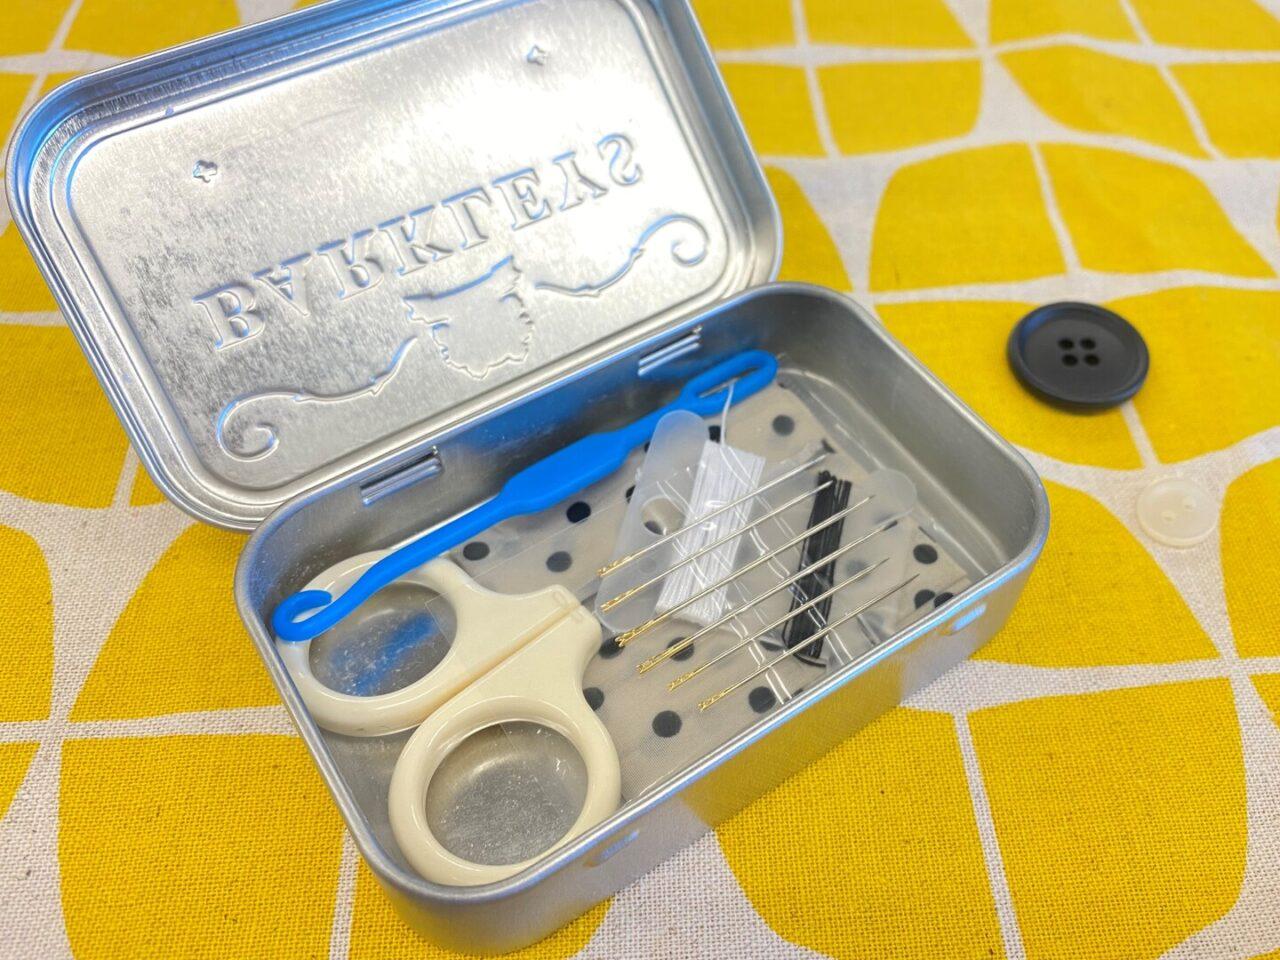 タブレット缶に裁縫セットを